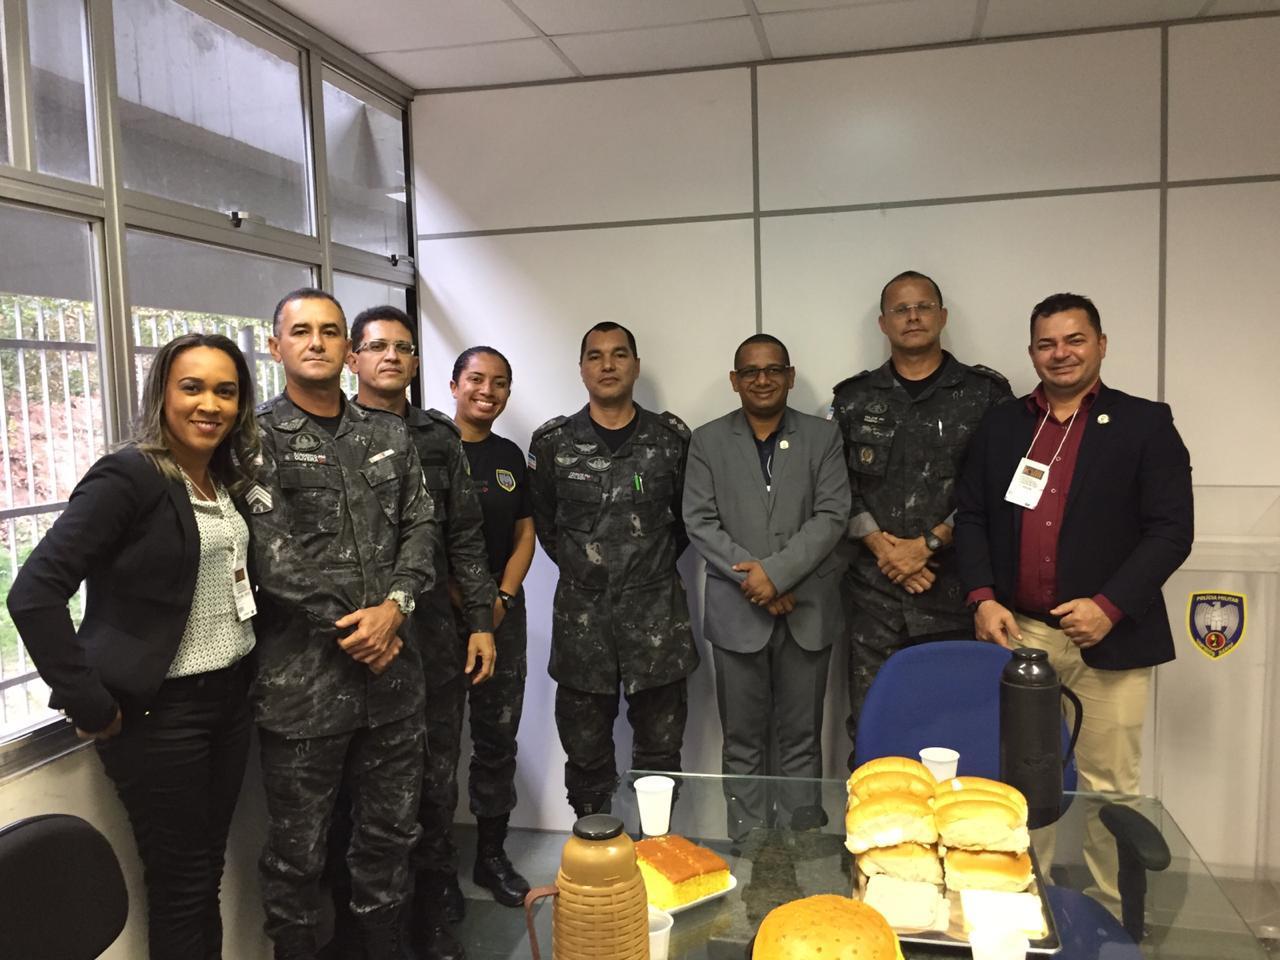 ASSEGO no Espírito Santo | Policia Militar do Espírito Santo recepciona Comitiva da Assego